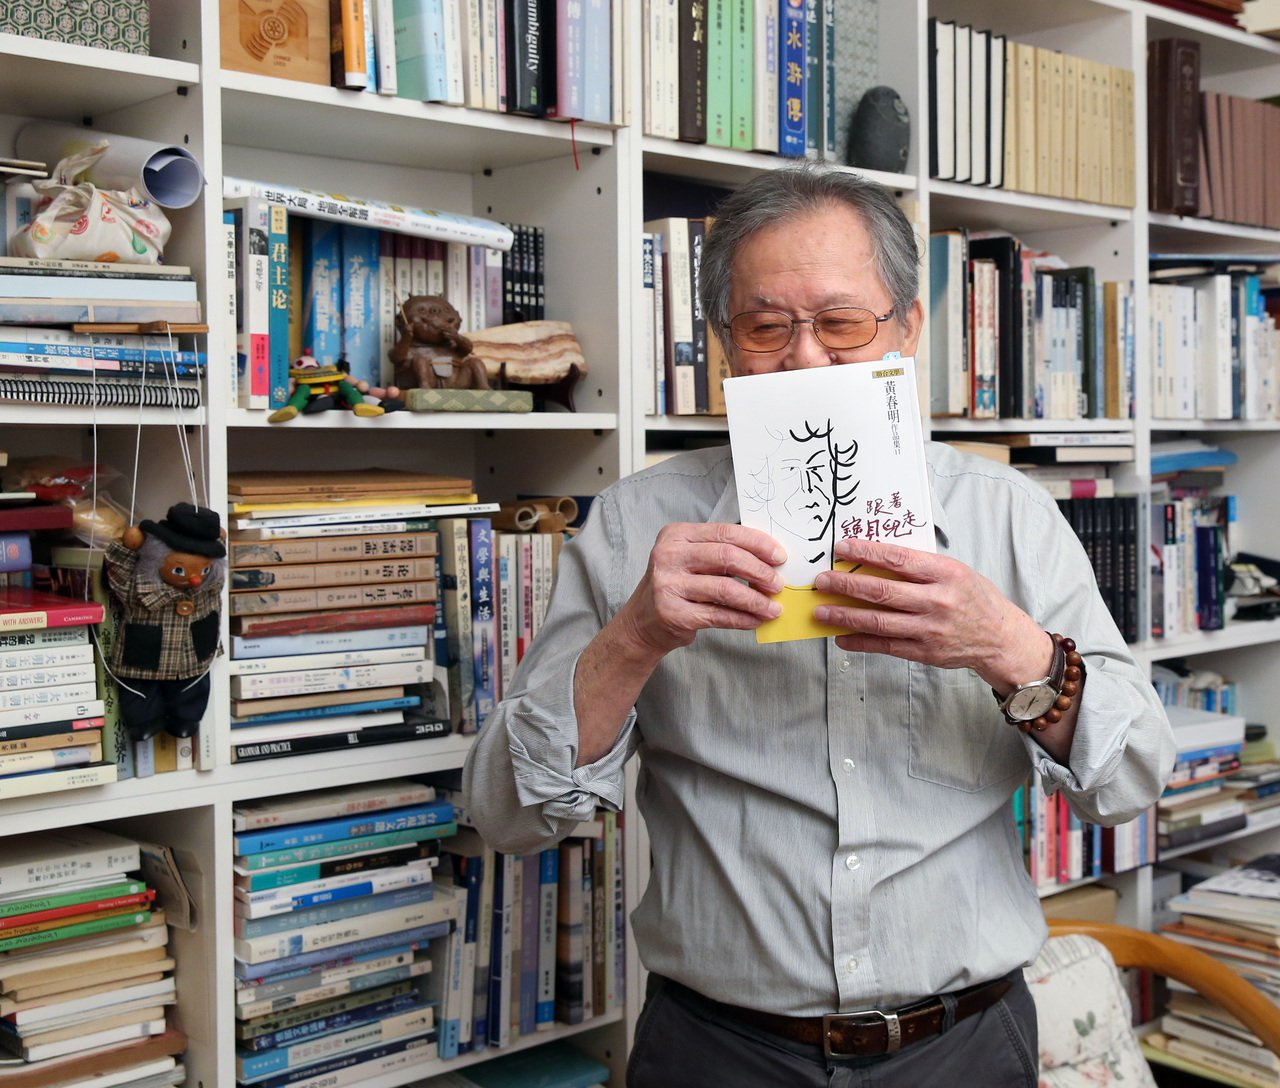 作家黃春明與新書《跟著寶貝兒走》。圖/林澔一攝影